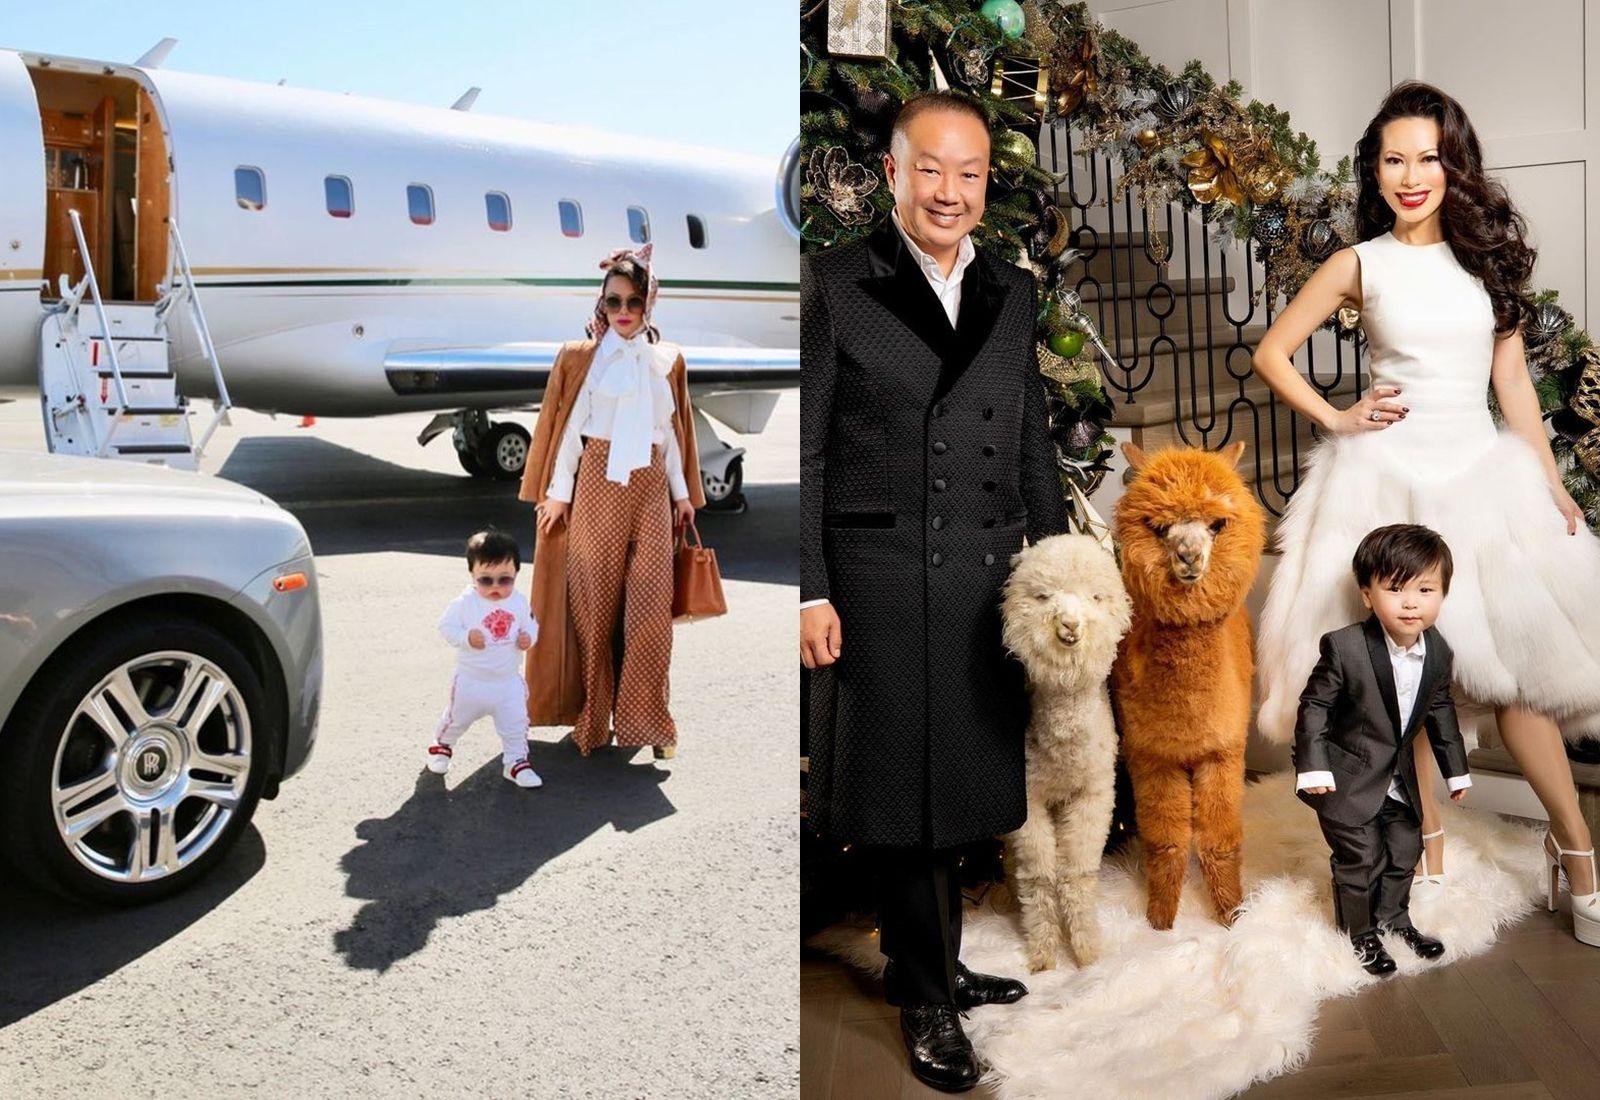 《璀璨帝國》上演瘋狂亞洲富豪真人版,寵物是羊駝、封街辦派對,老公還是中國皇朝後裔……3分鐘快速認識出生台灣的超級貴婦Christine Chiu